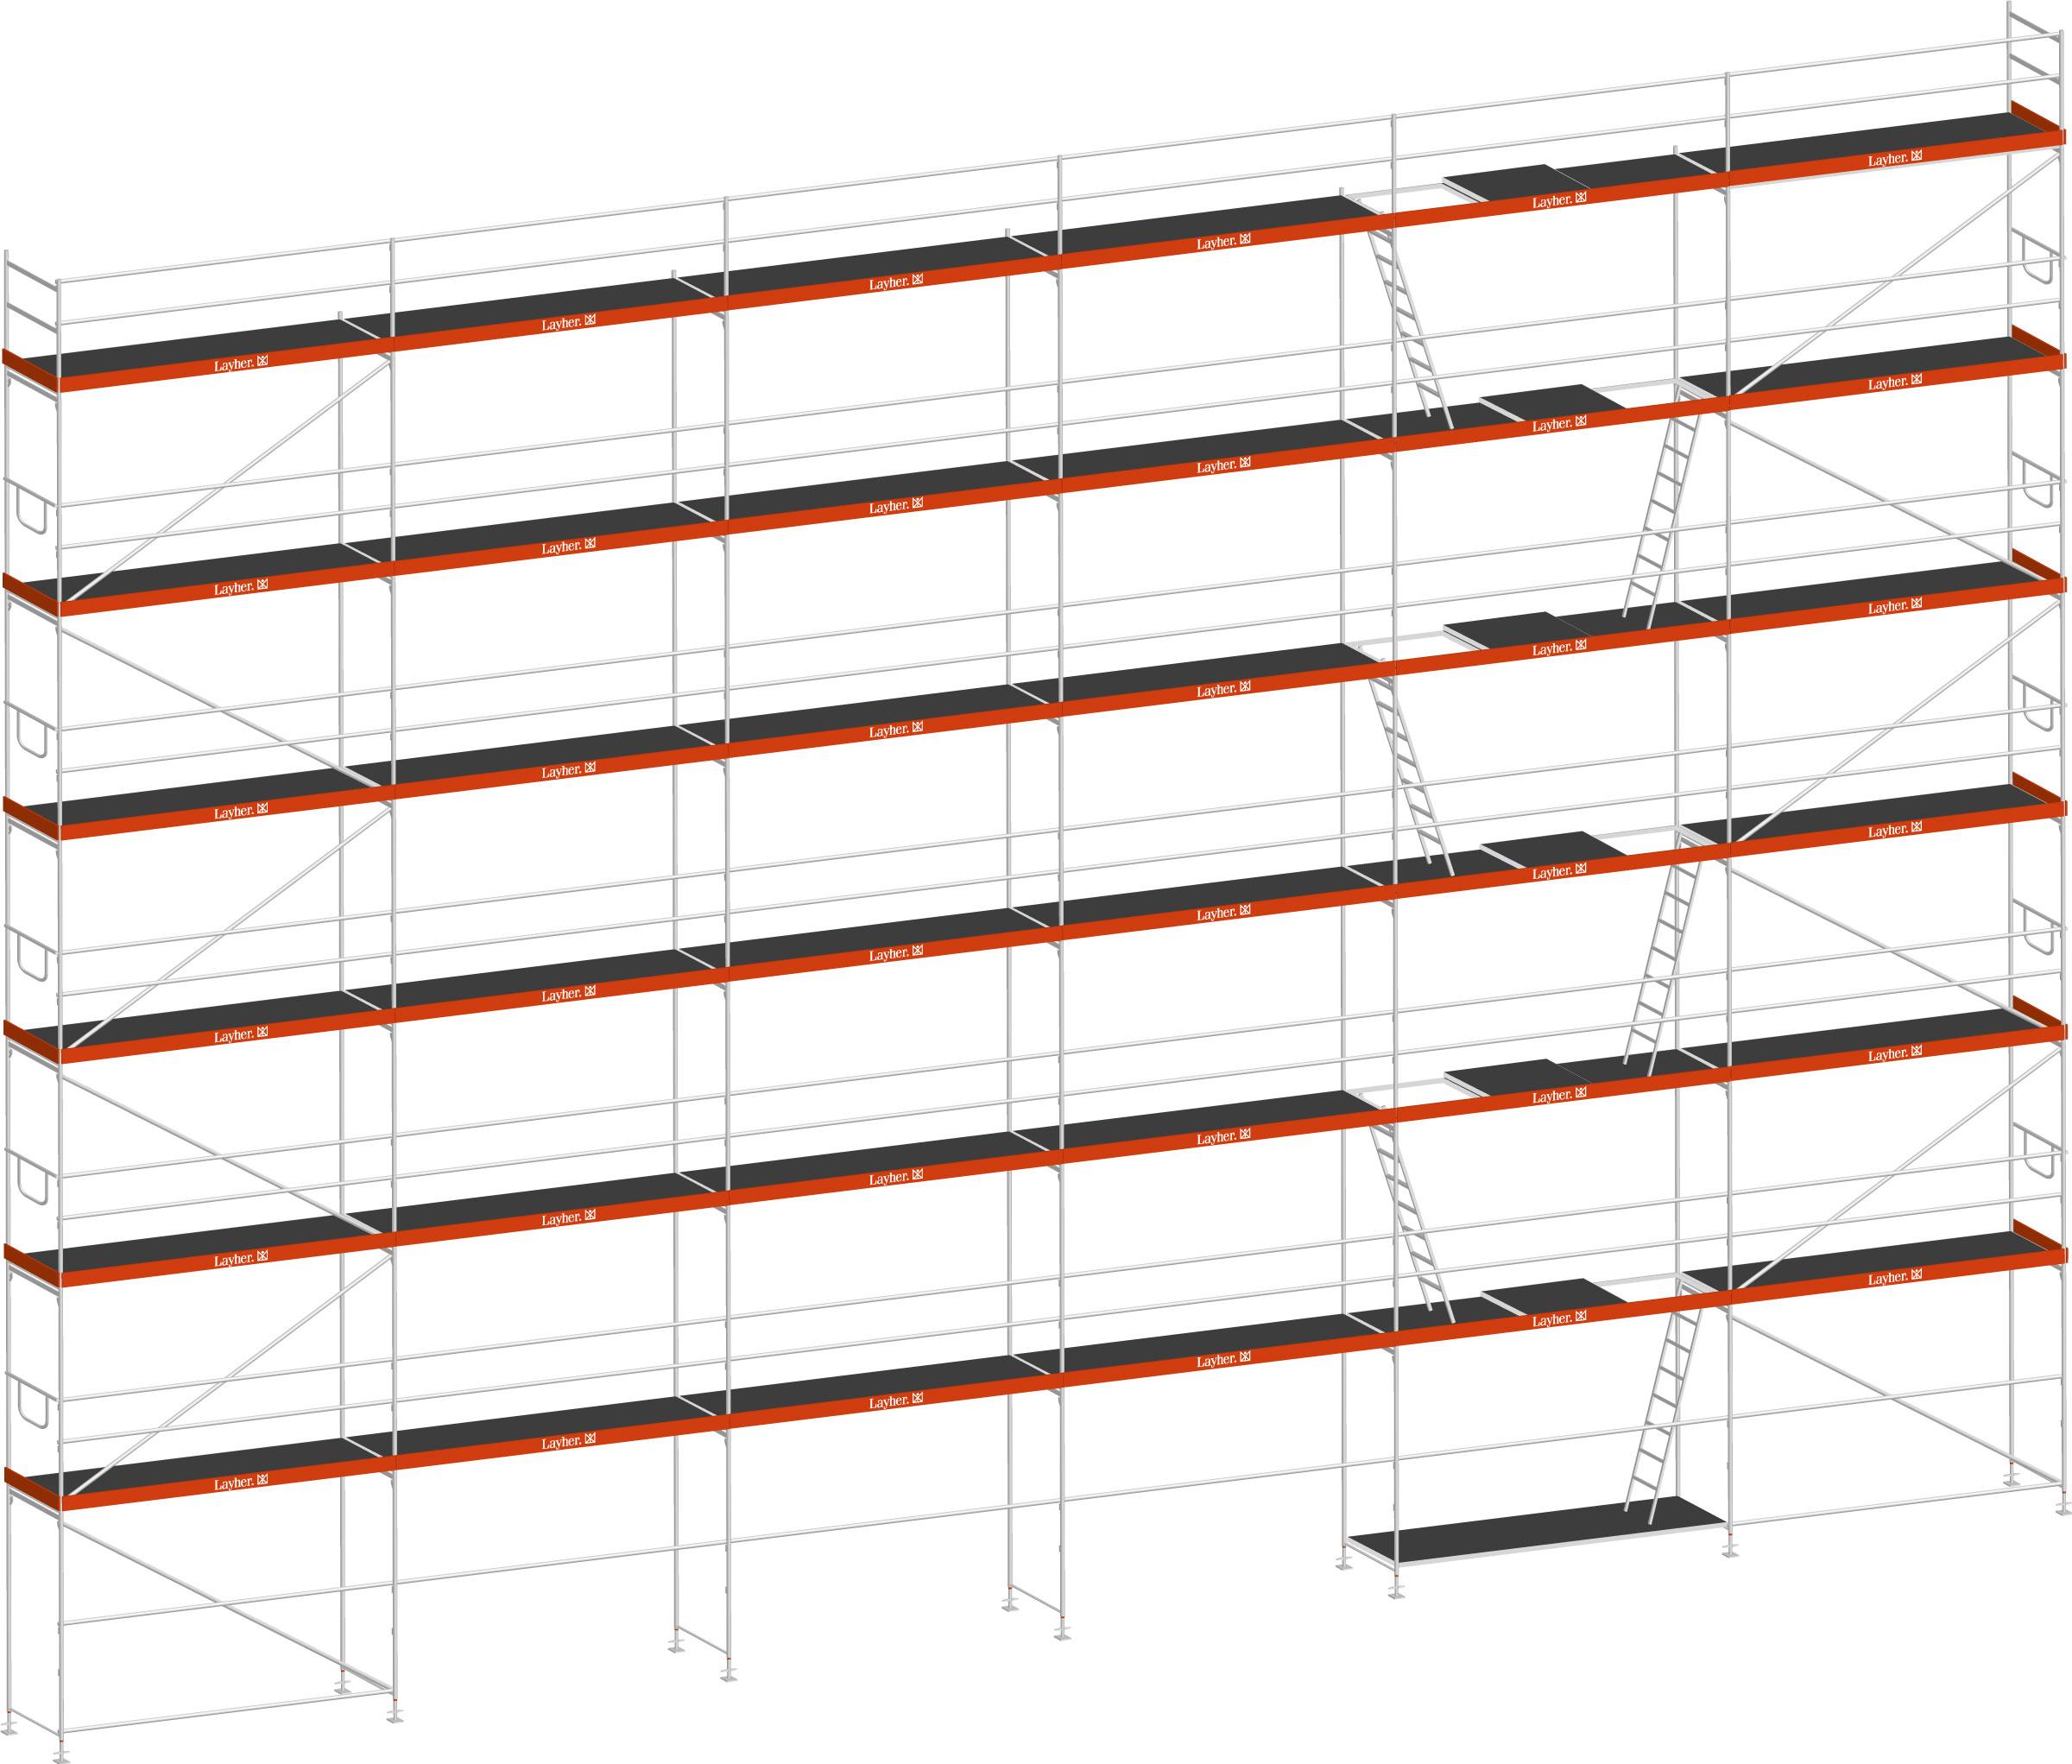 Layher Blitz Gerüst 70 Stahl 261 m²